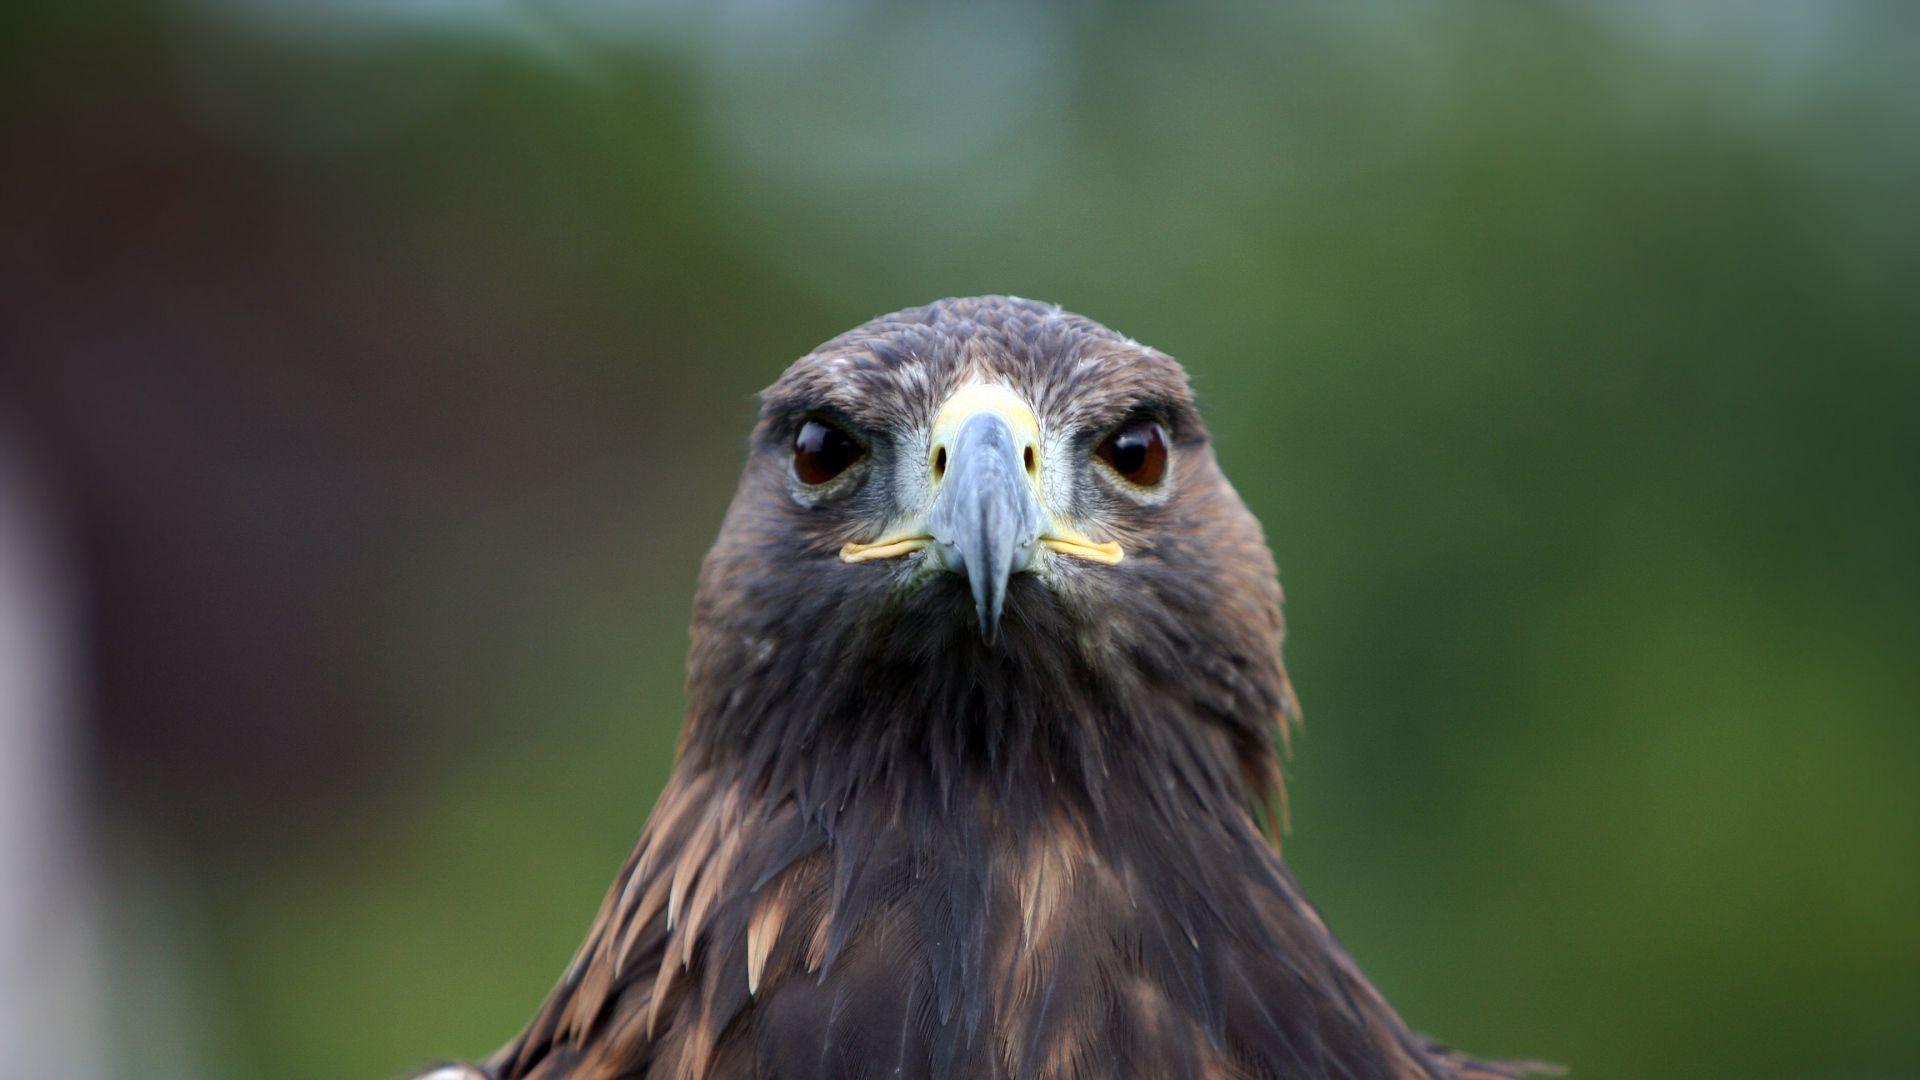 Hawk Full Face